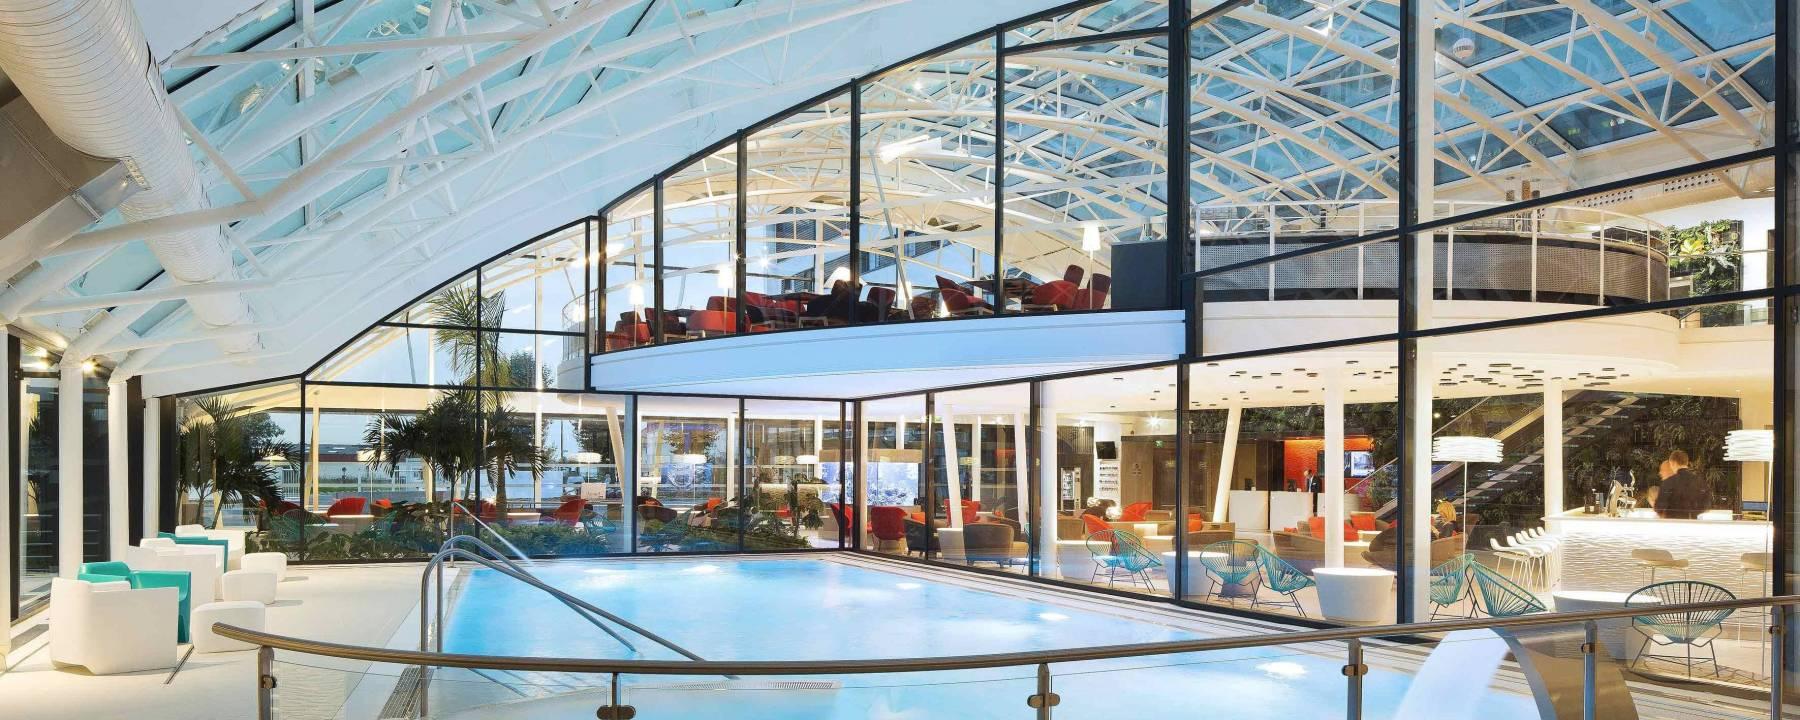 Hotel Oceania 4 Paris Aeroport Roissy Charles De Gaulle Hotel